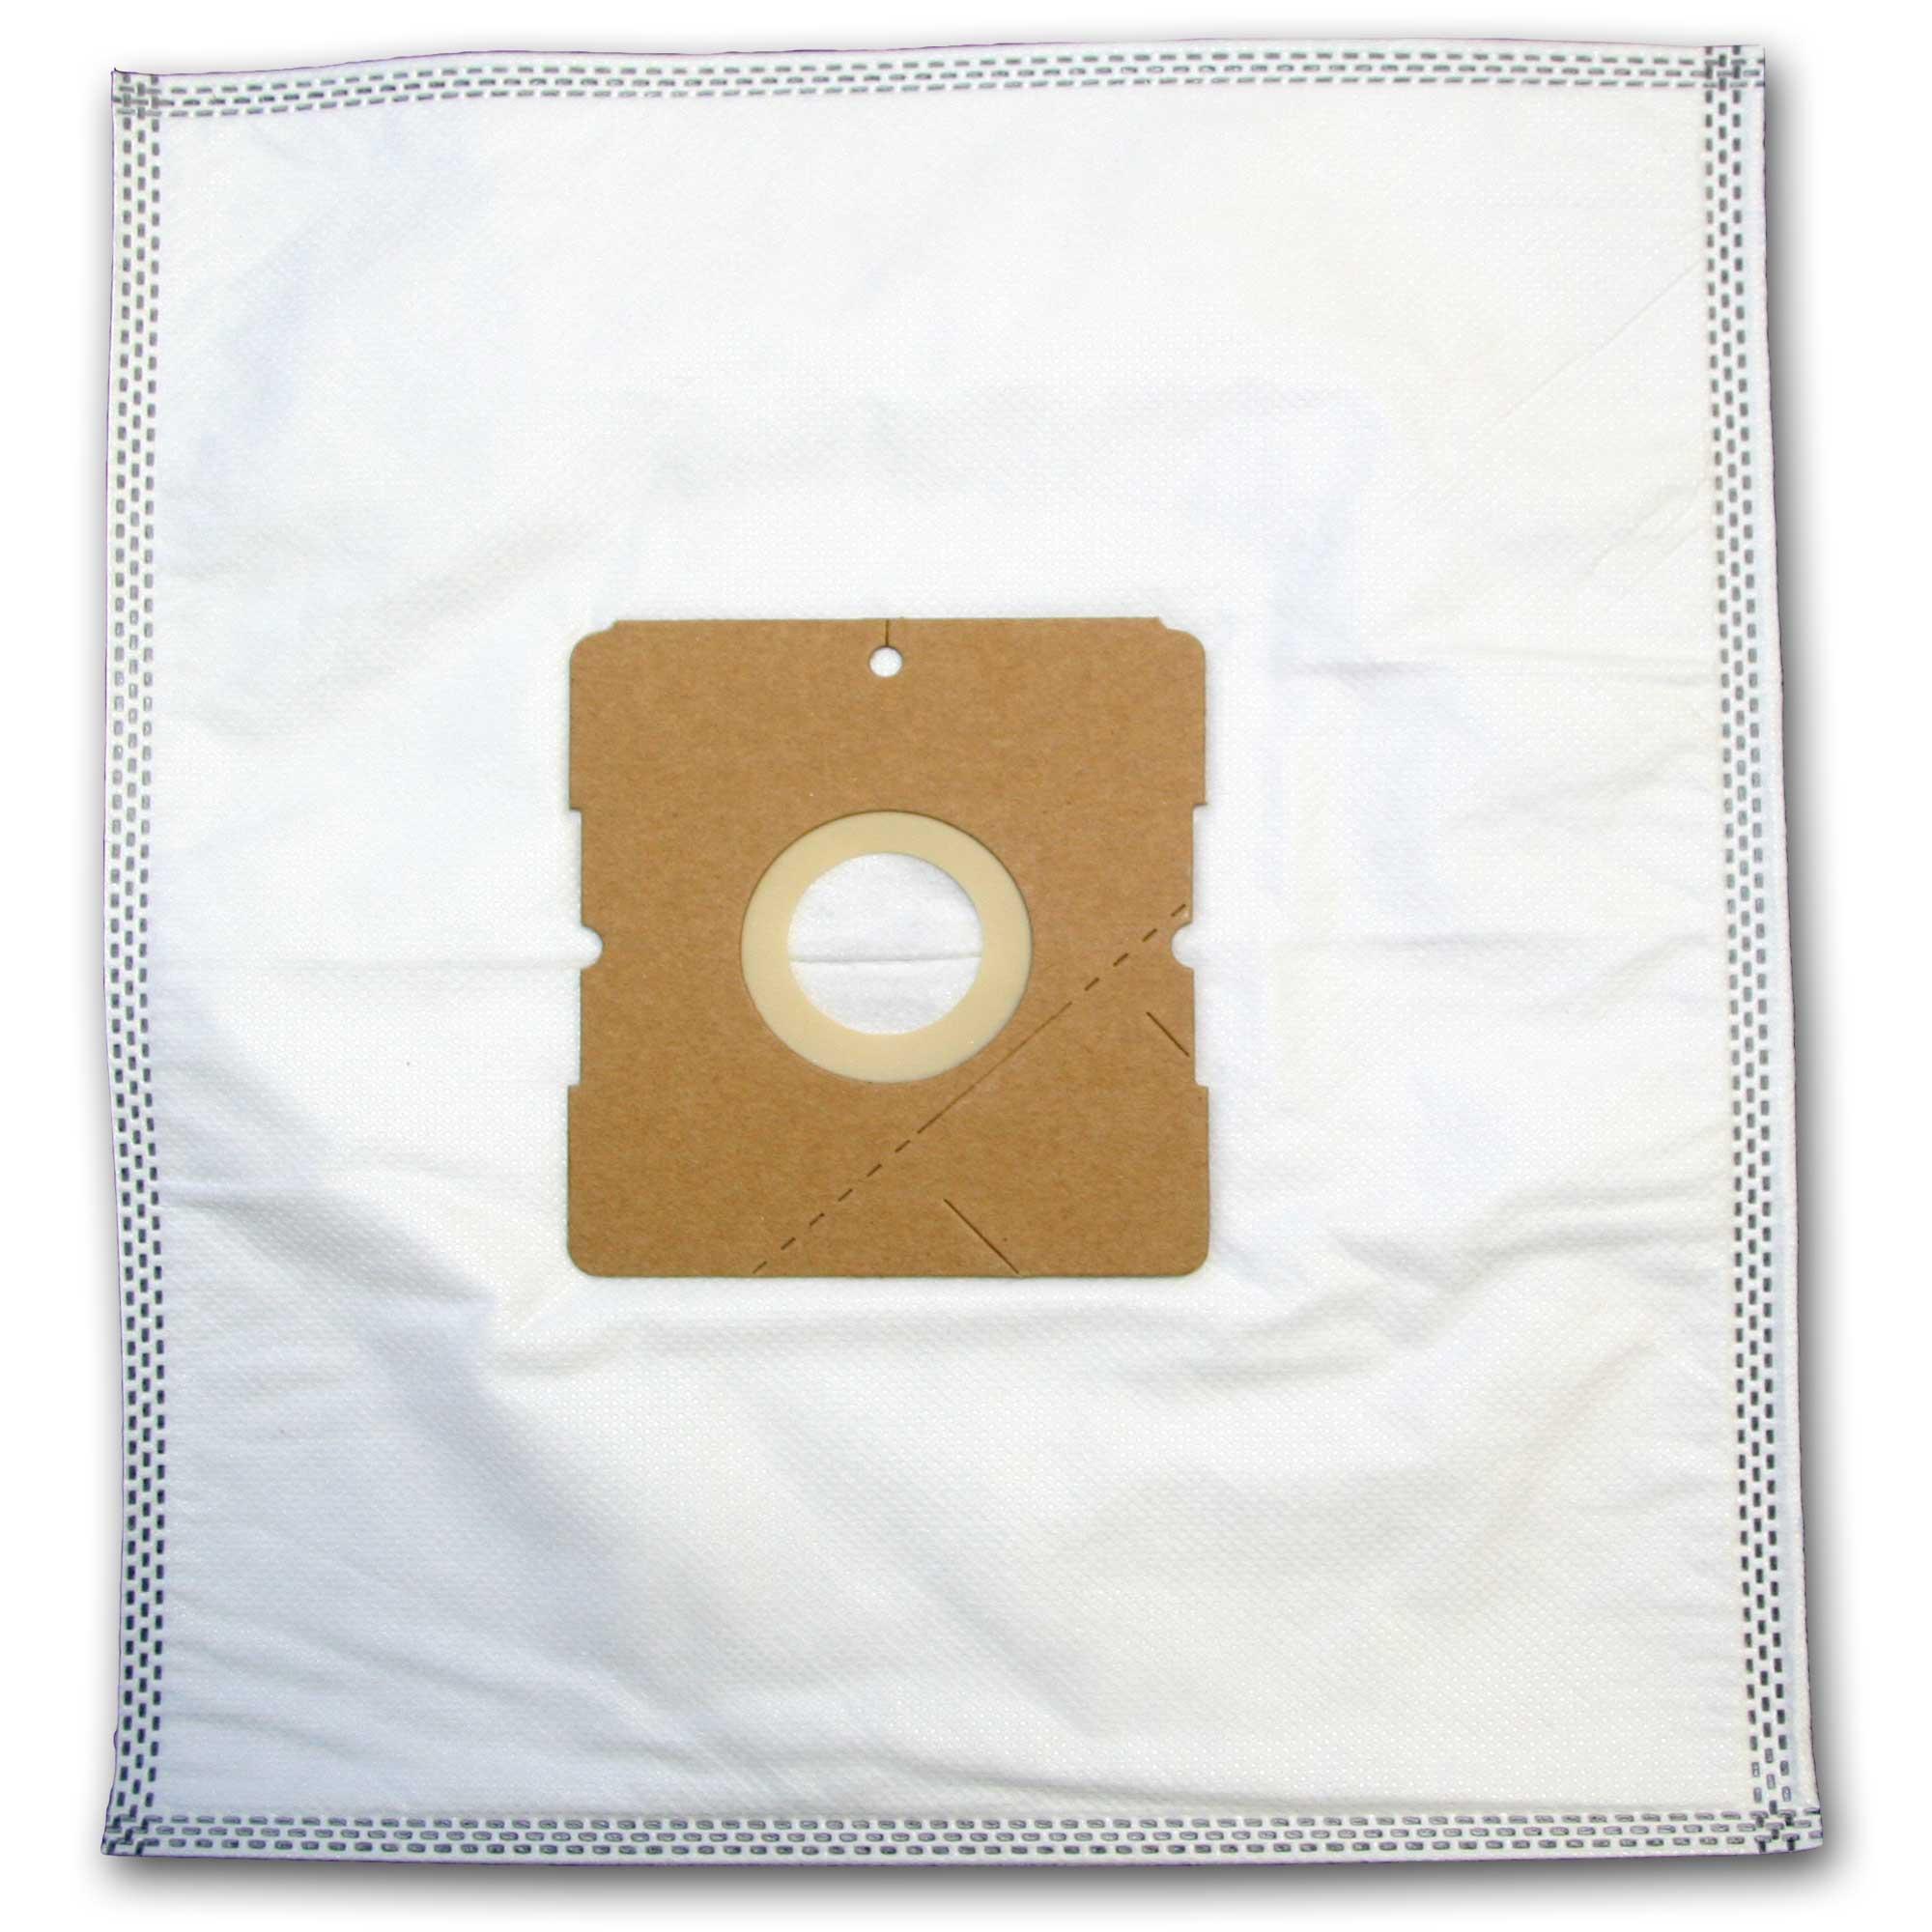 10 Staubsaugerbeutel für Clatronic BS 1204 1205 und 1211 2 Filter Filtertüten